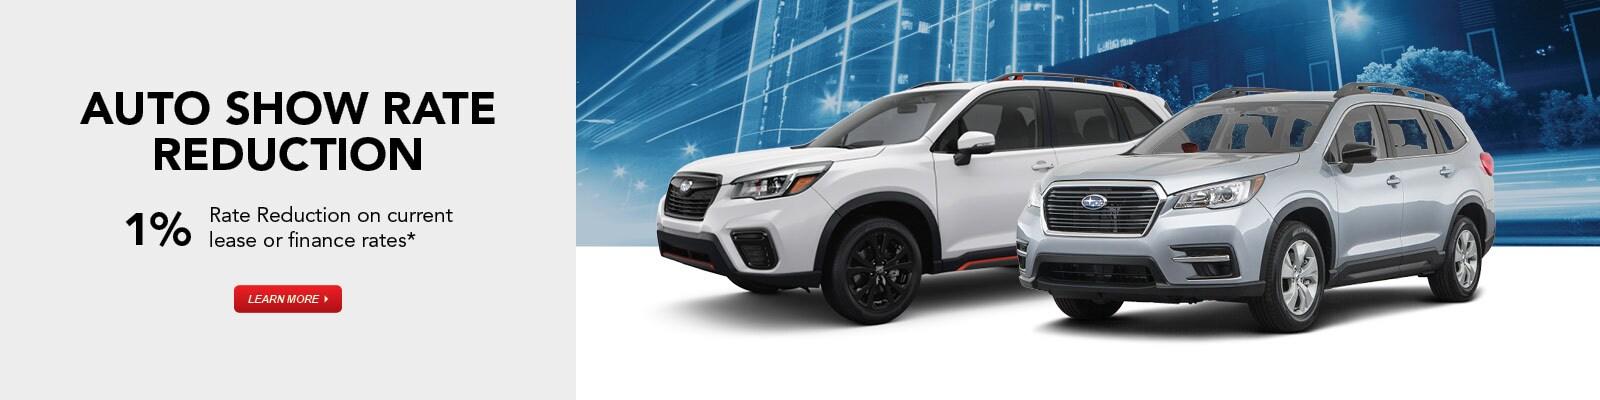 64444594e88 Frontier Subaru